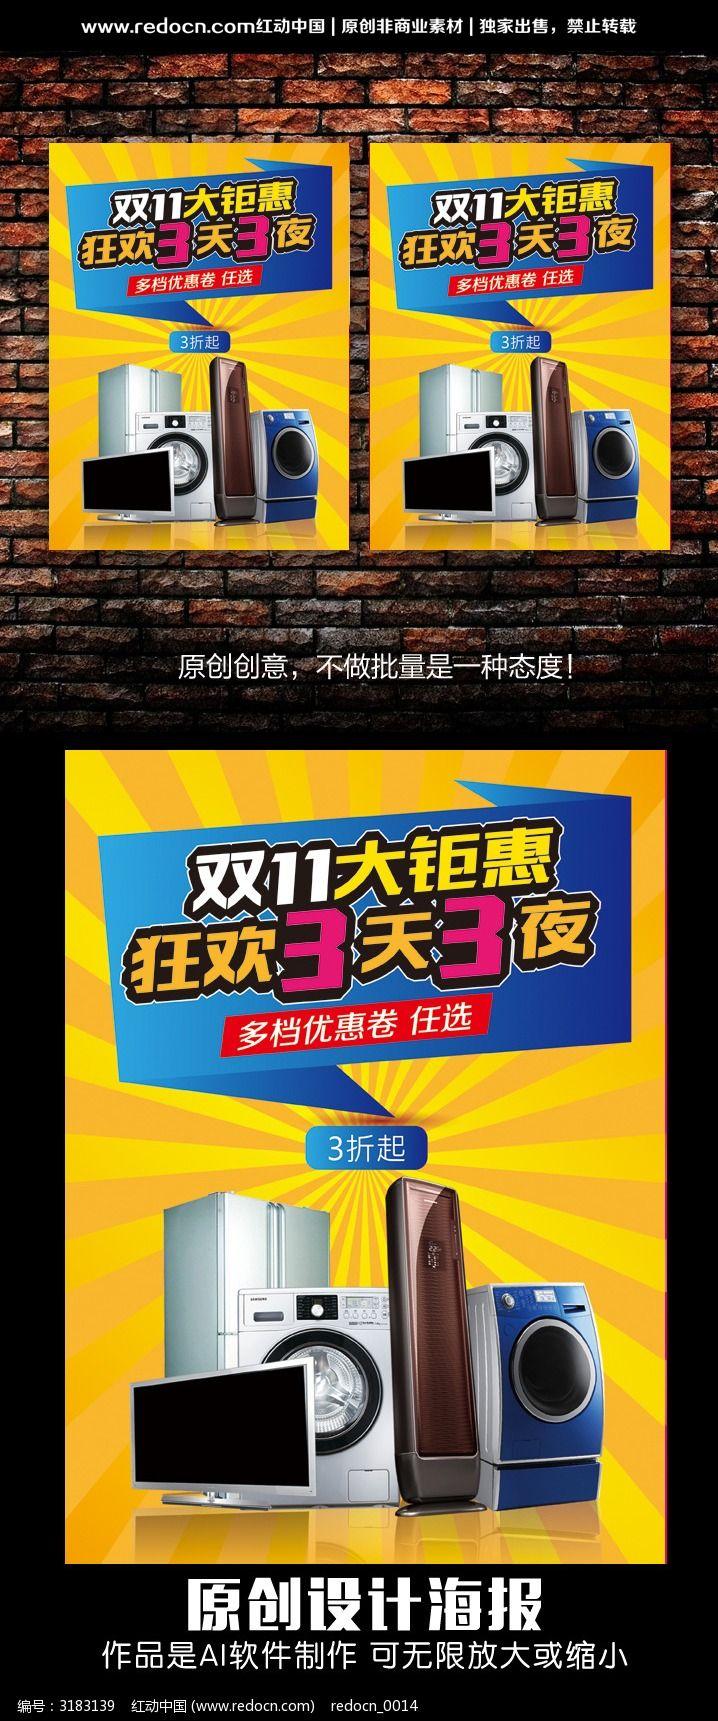 双十一电器促销海报ai素材下载_海报设计图片_编号_红